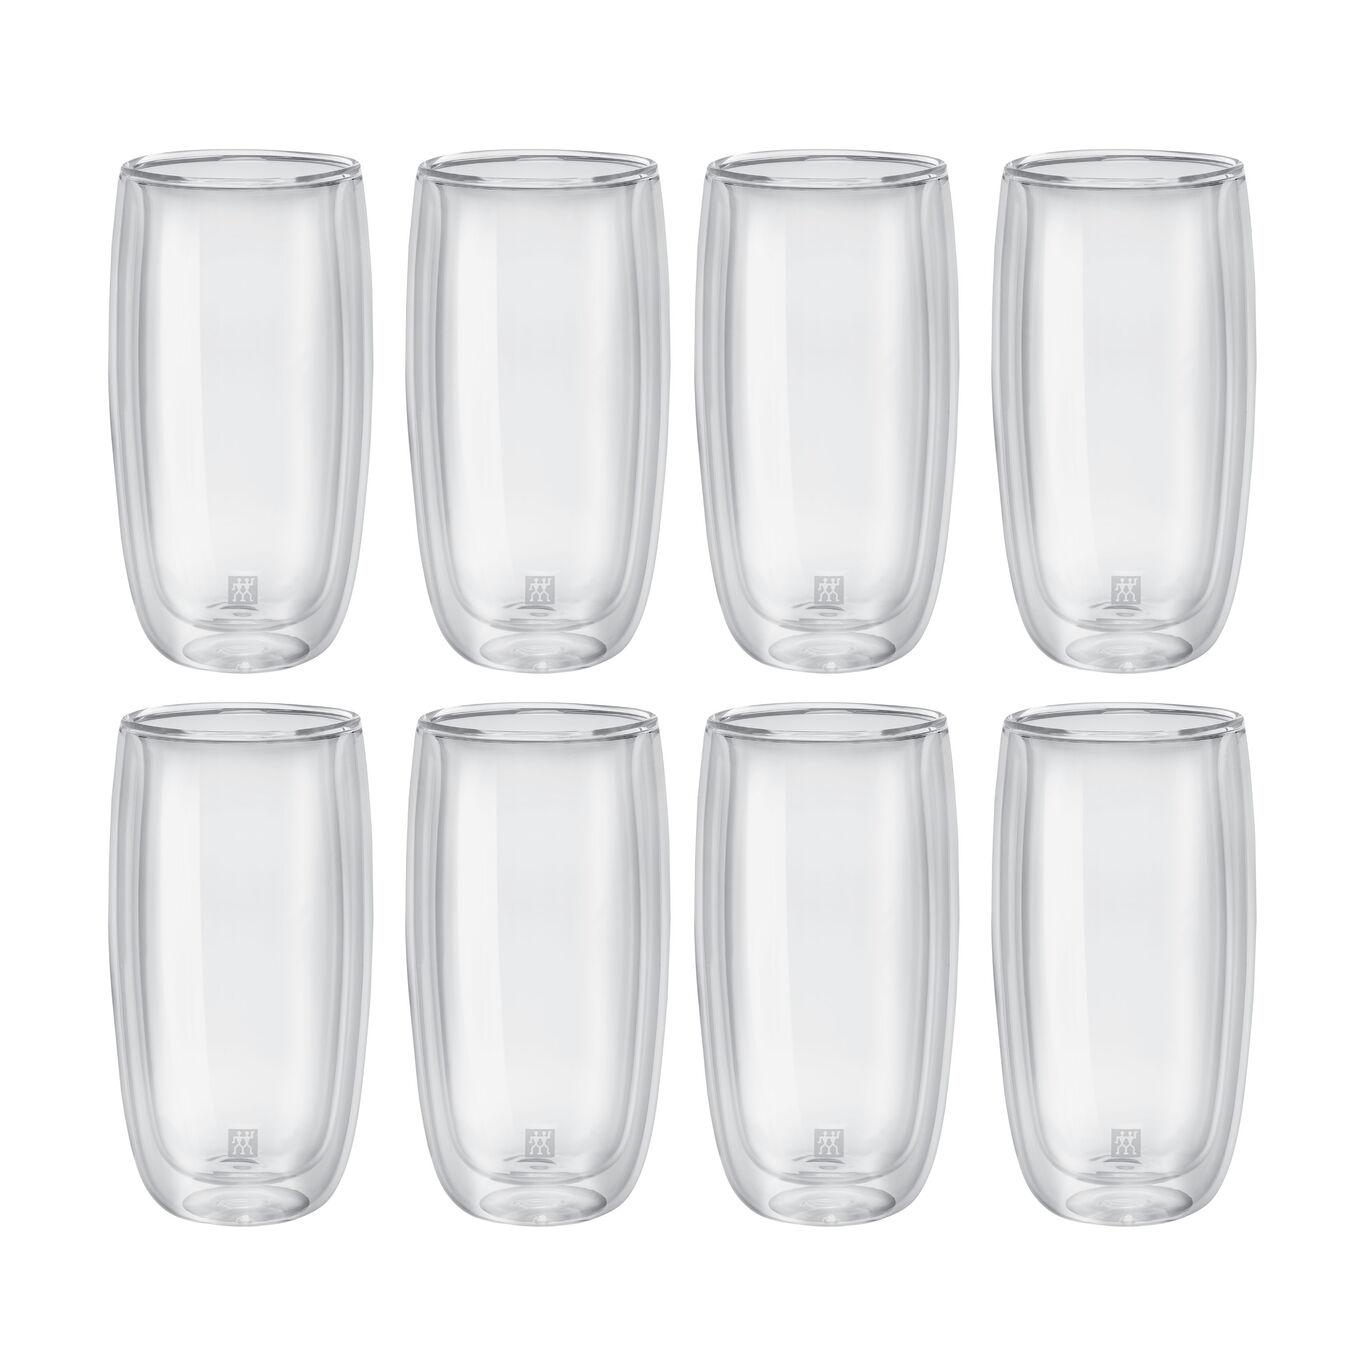 8 Piece Beverage Glass Set - Value Pack,,large 1